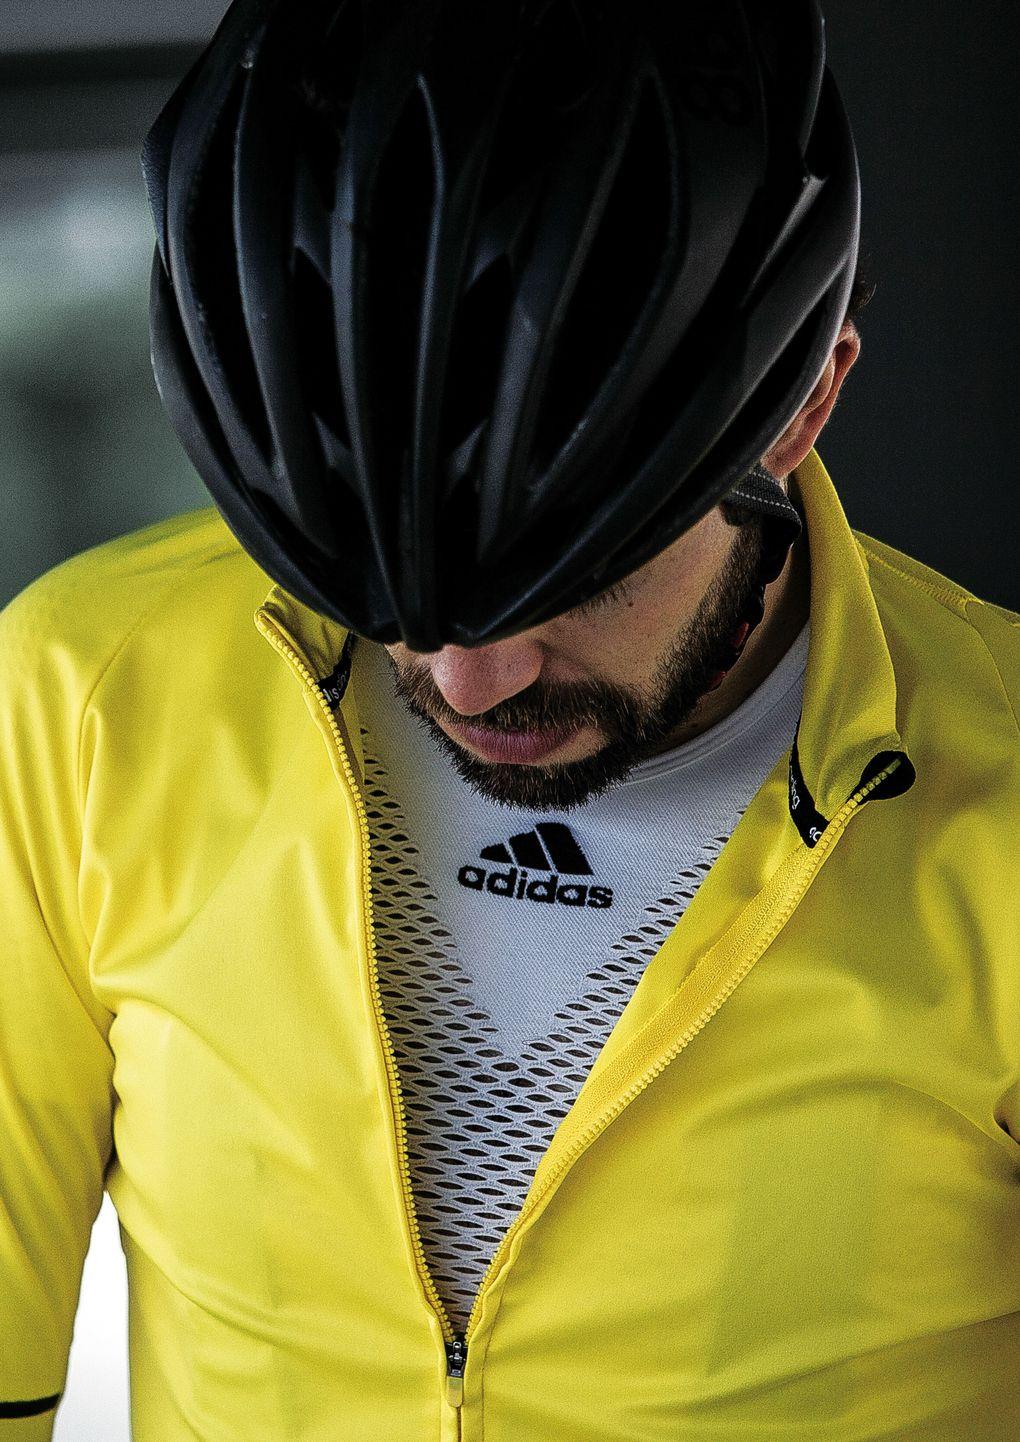 05 Adidas Cycling